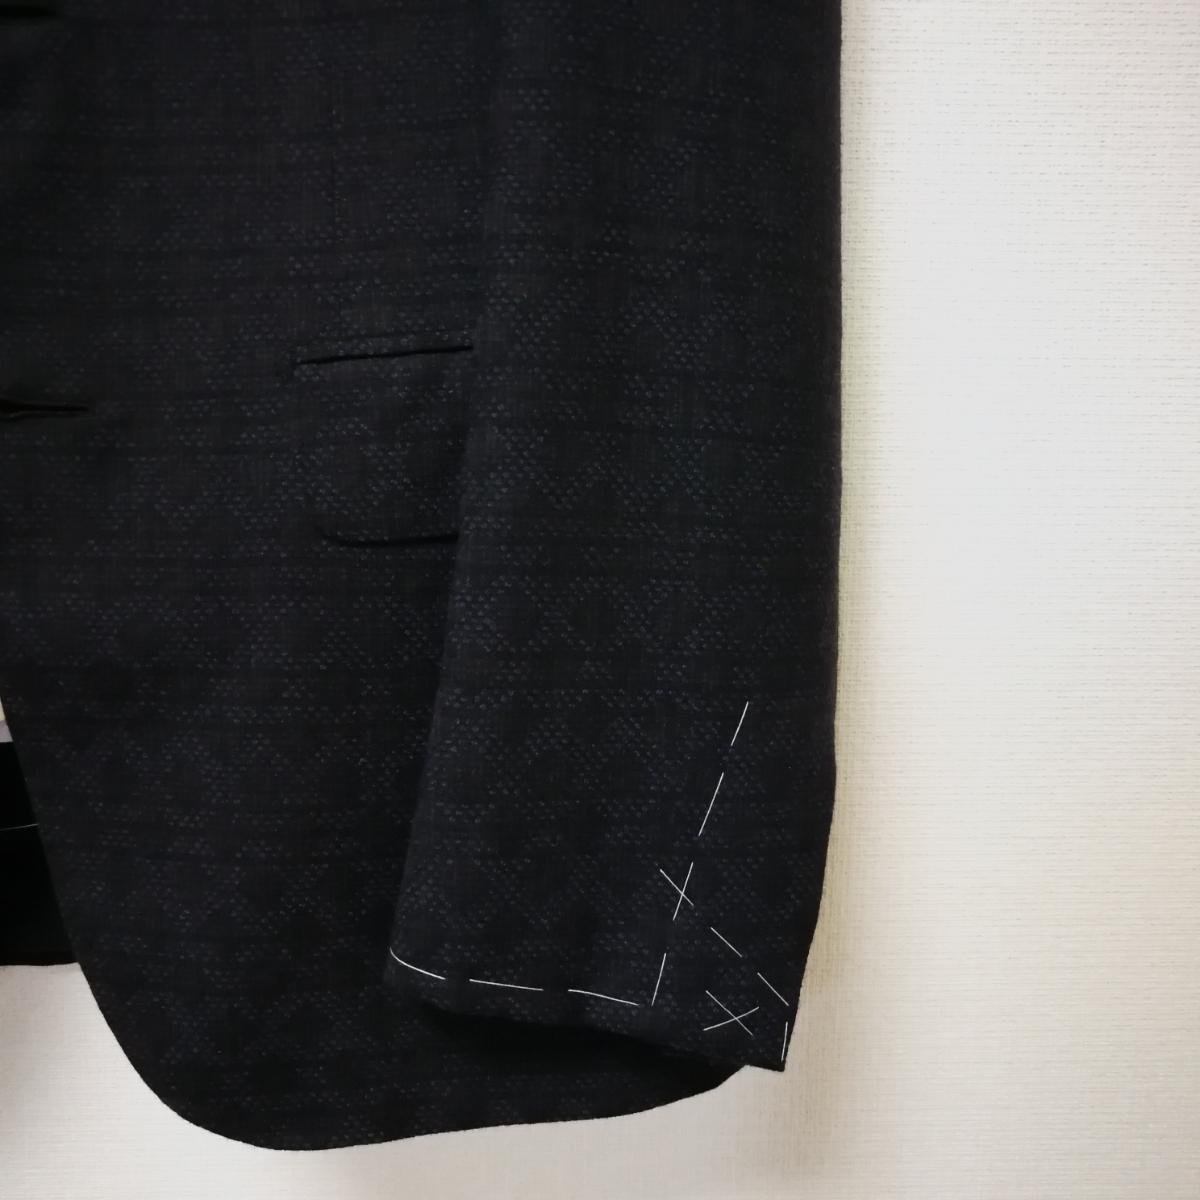 新品ブリオーニ ダークネイビースーツ サイズ44 Madison 濃紺_画像5